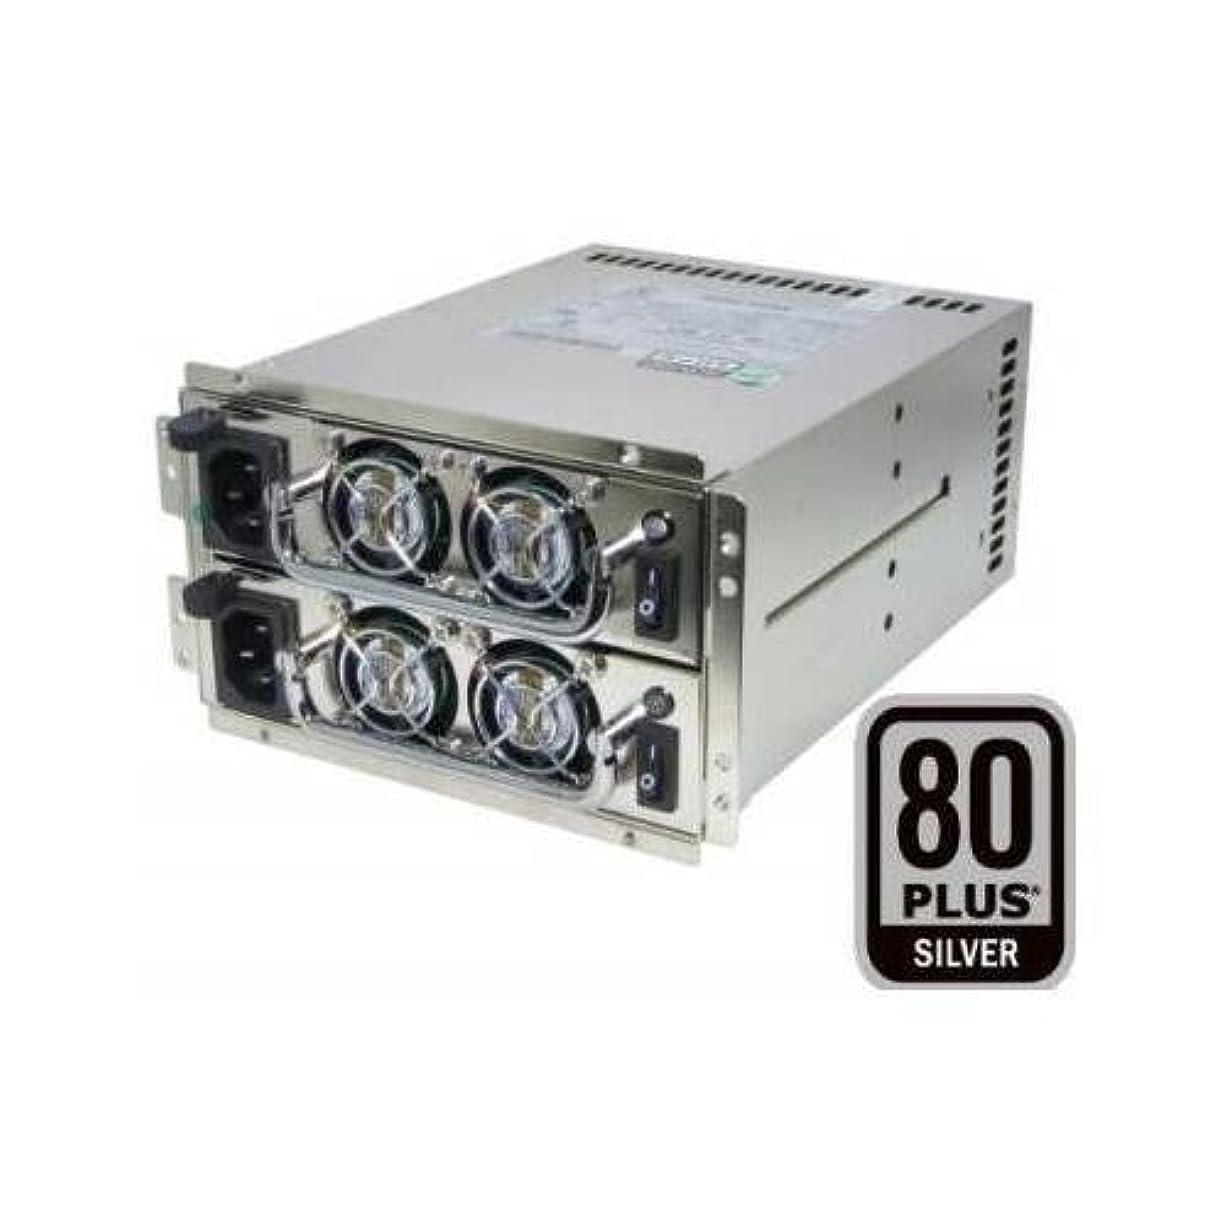 明らか衝突する窓Dynapower / Sure Star r4b-500g1 V2 500 W高効率Mini冗長電源供給